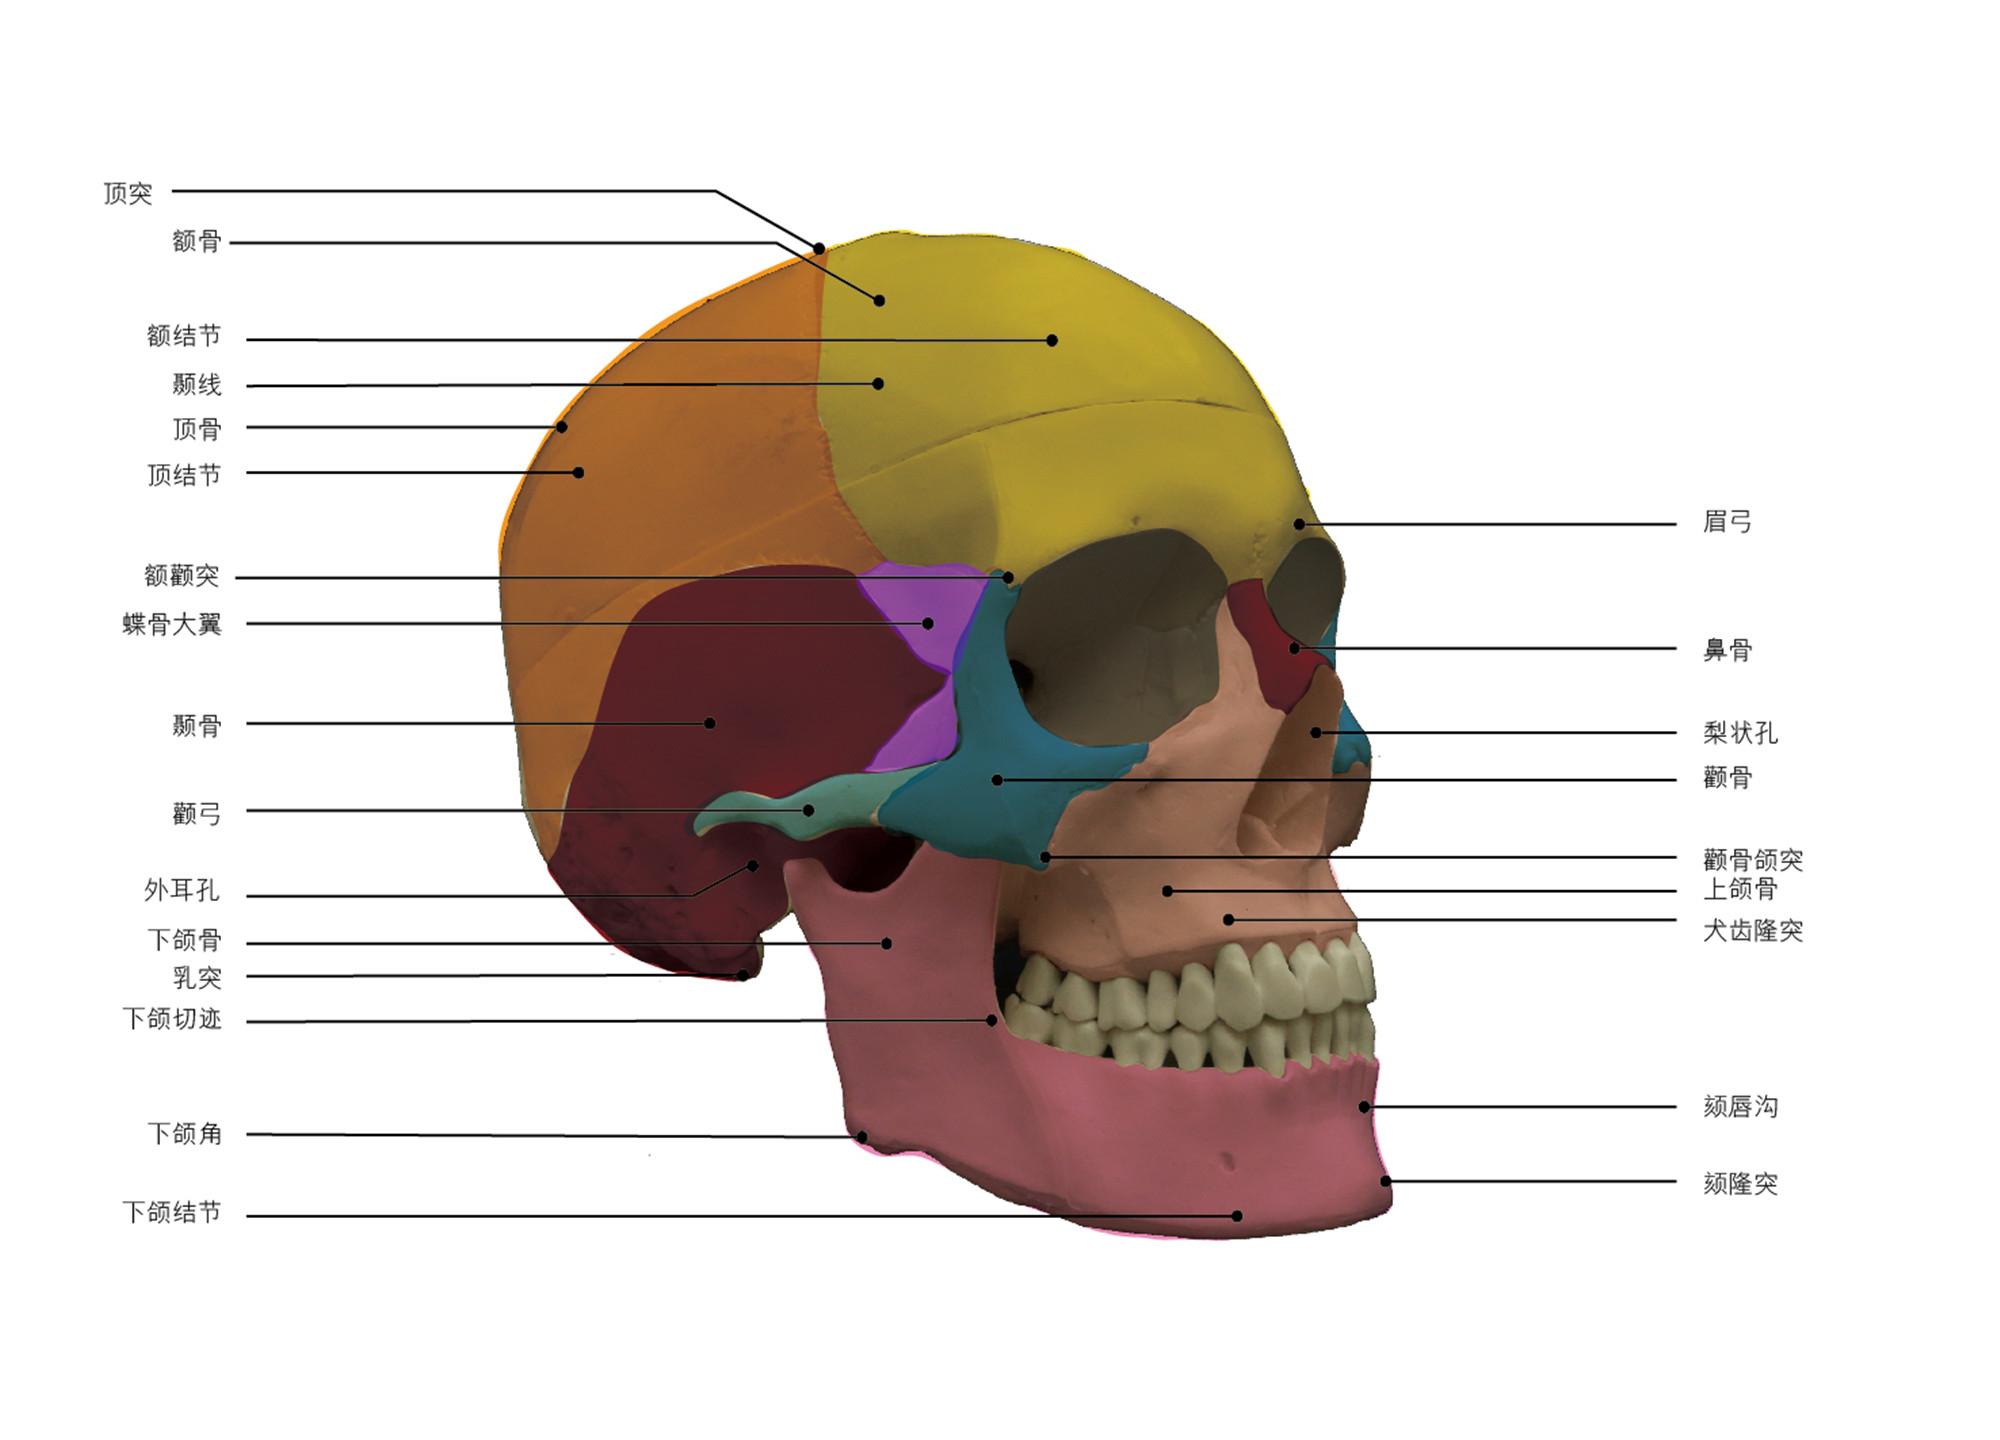 第一章:素描人像普及课  第一节:头骨的形体结构体面认识(参考素材)